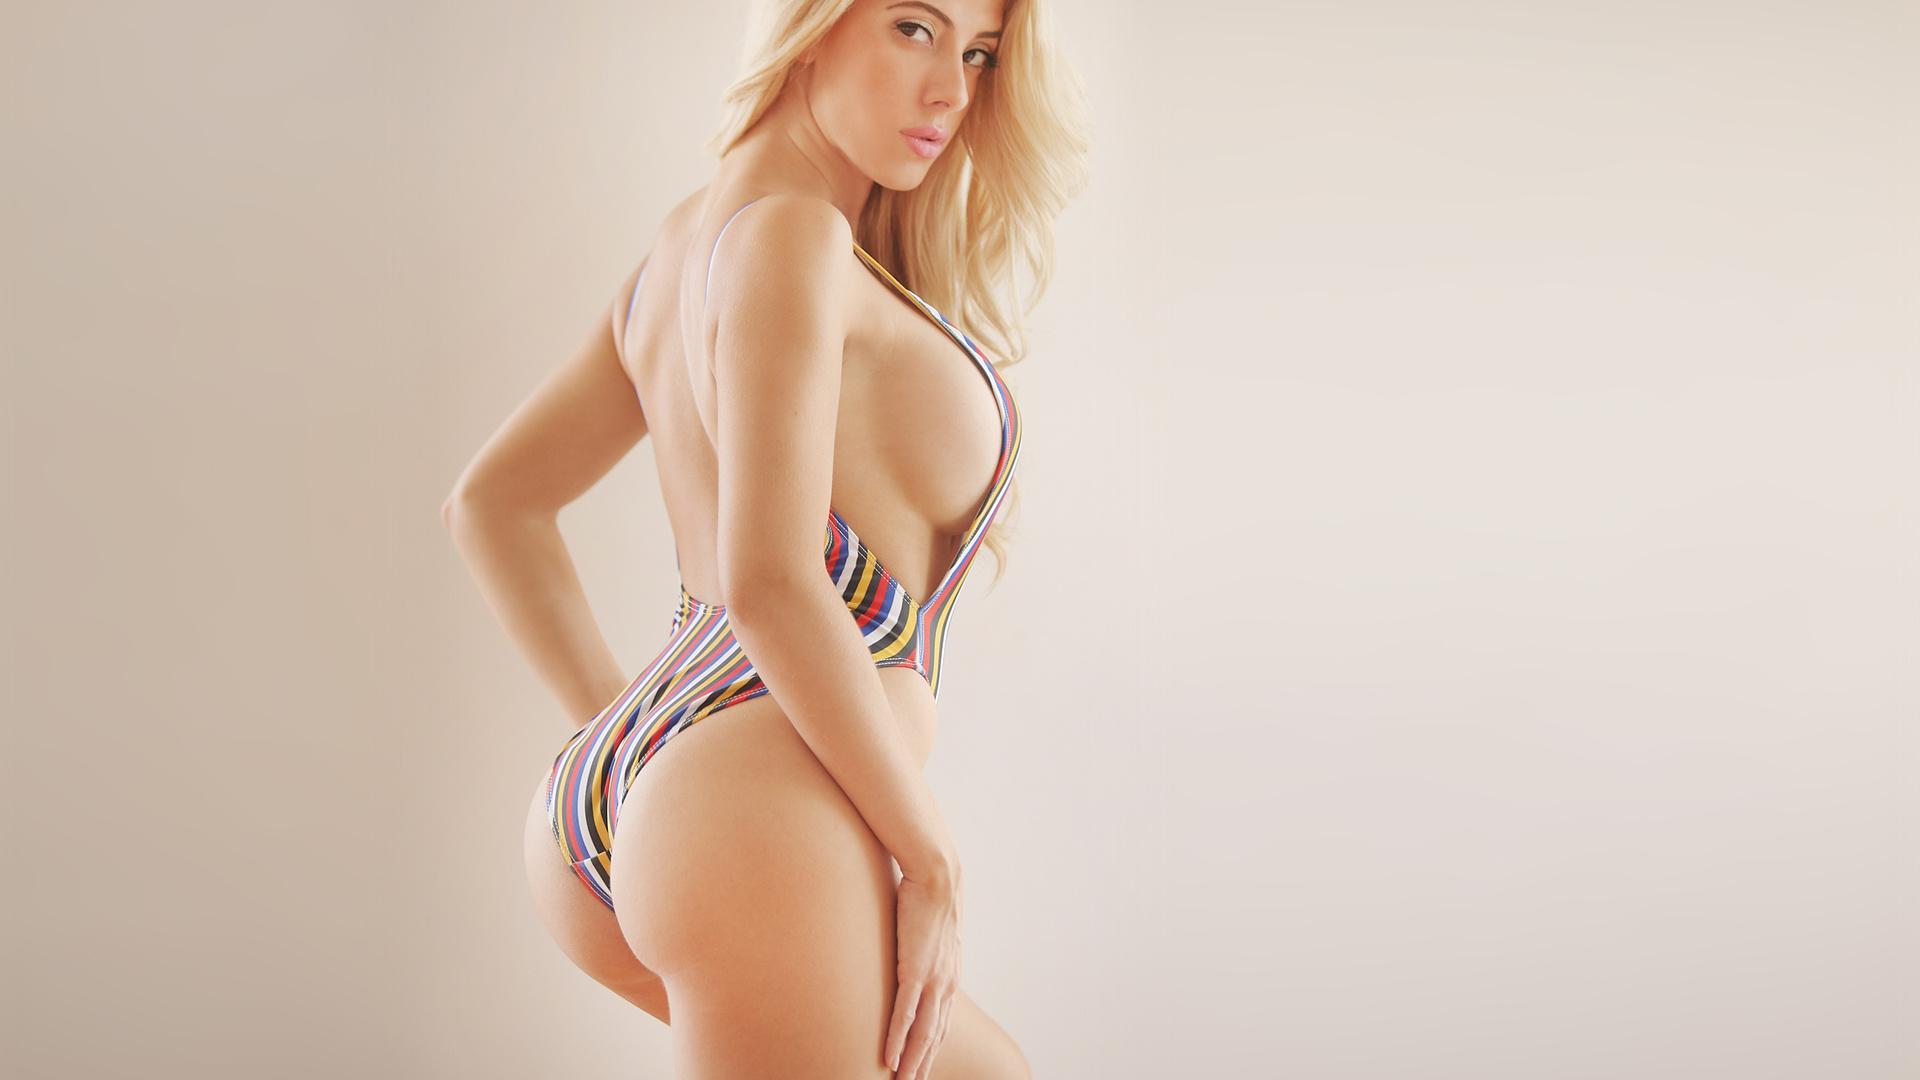 Шикарные блондинки смотреть онлайн бесплатно 8 фотография